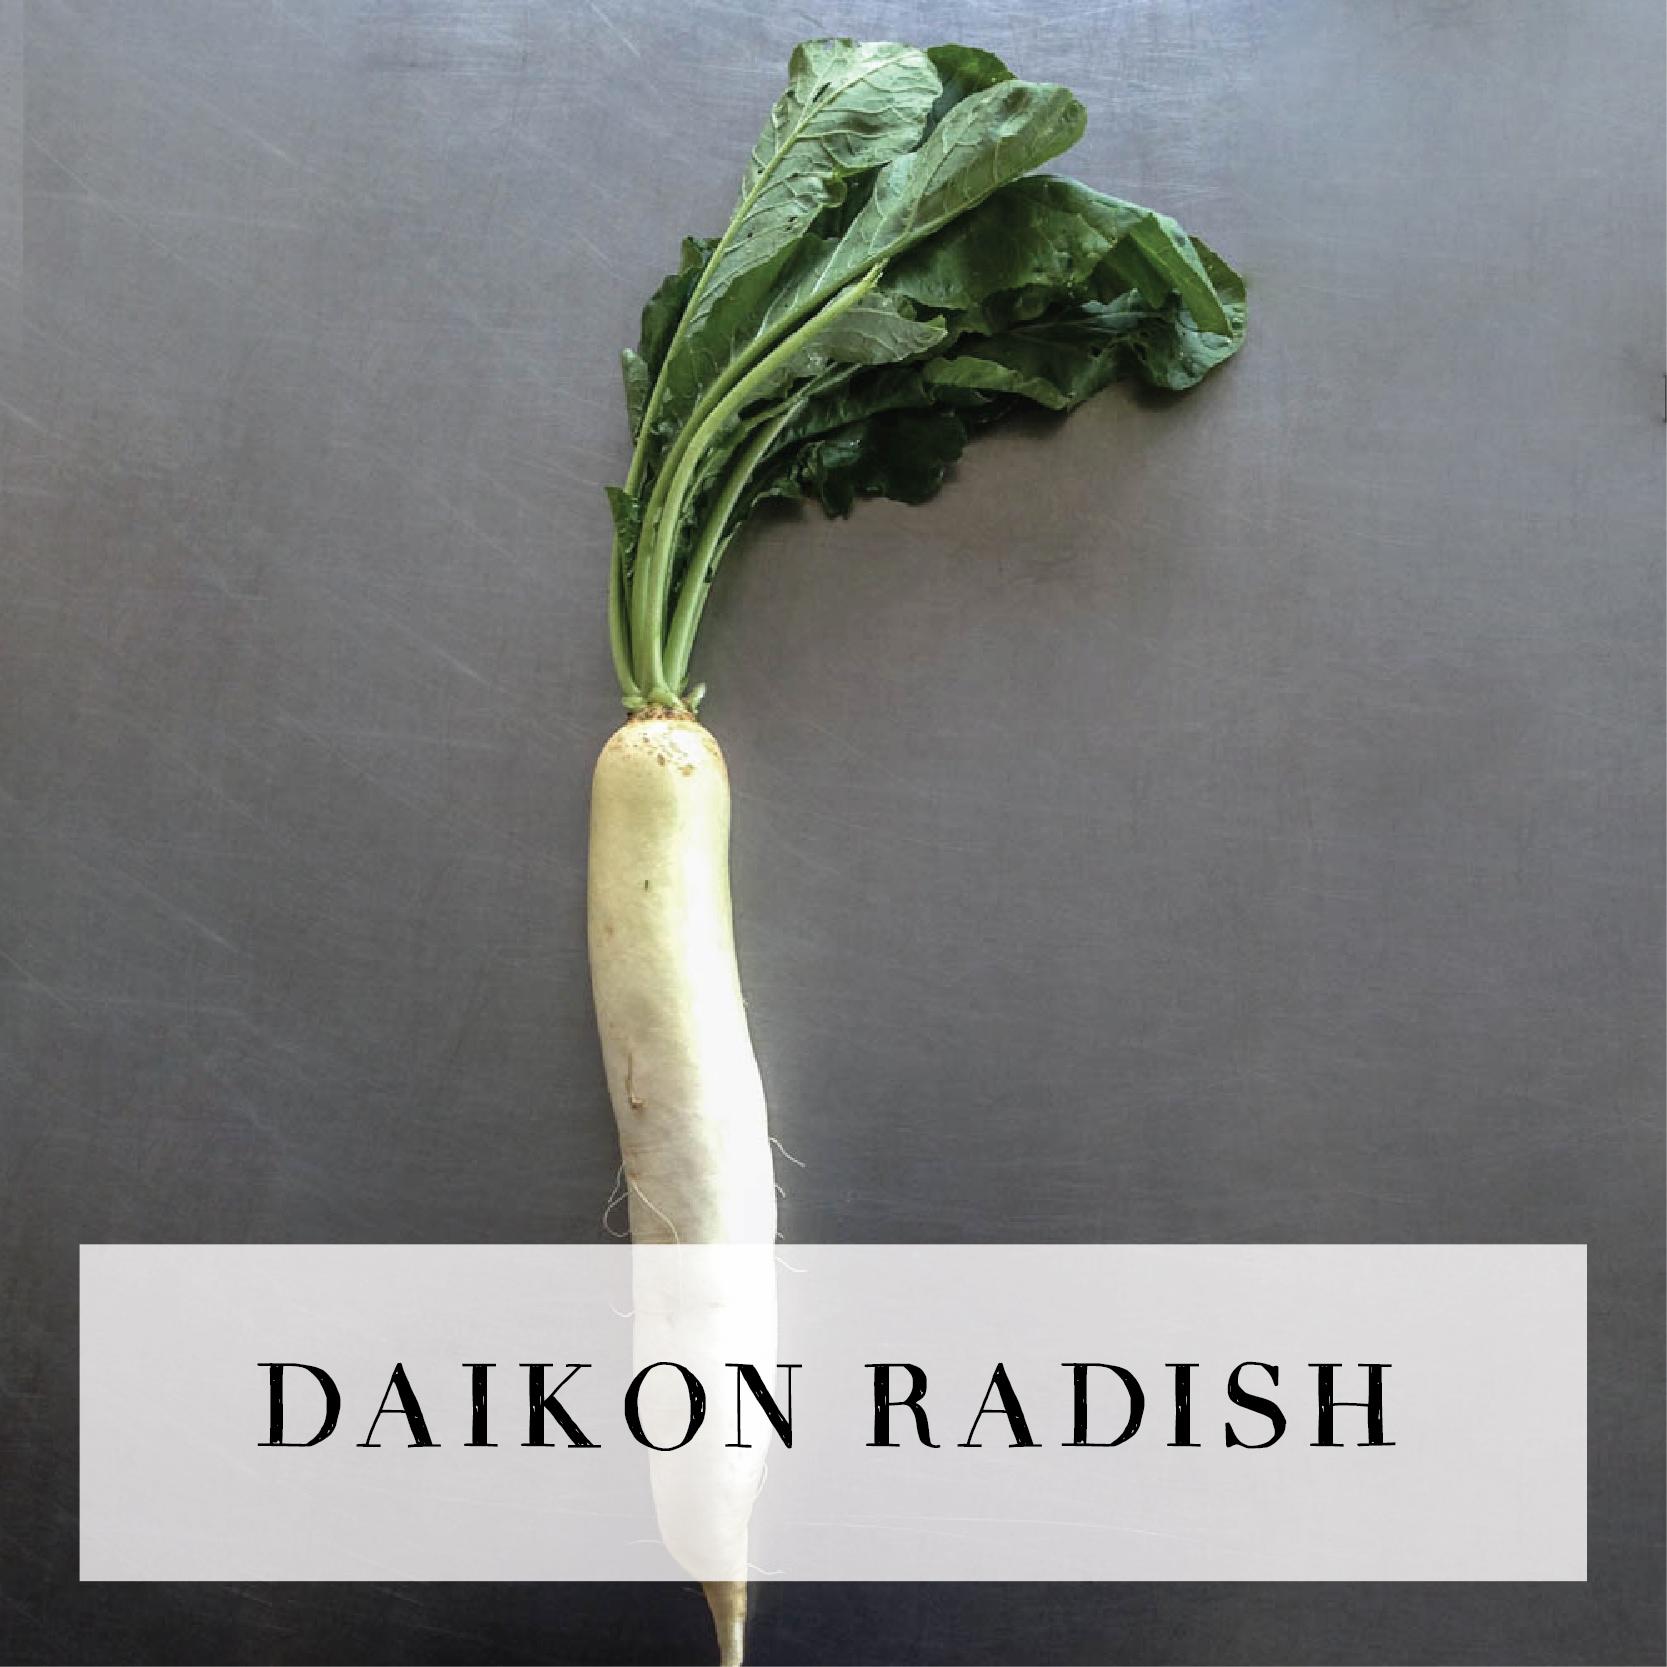 daikonradish.jpg